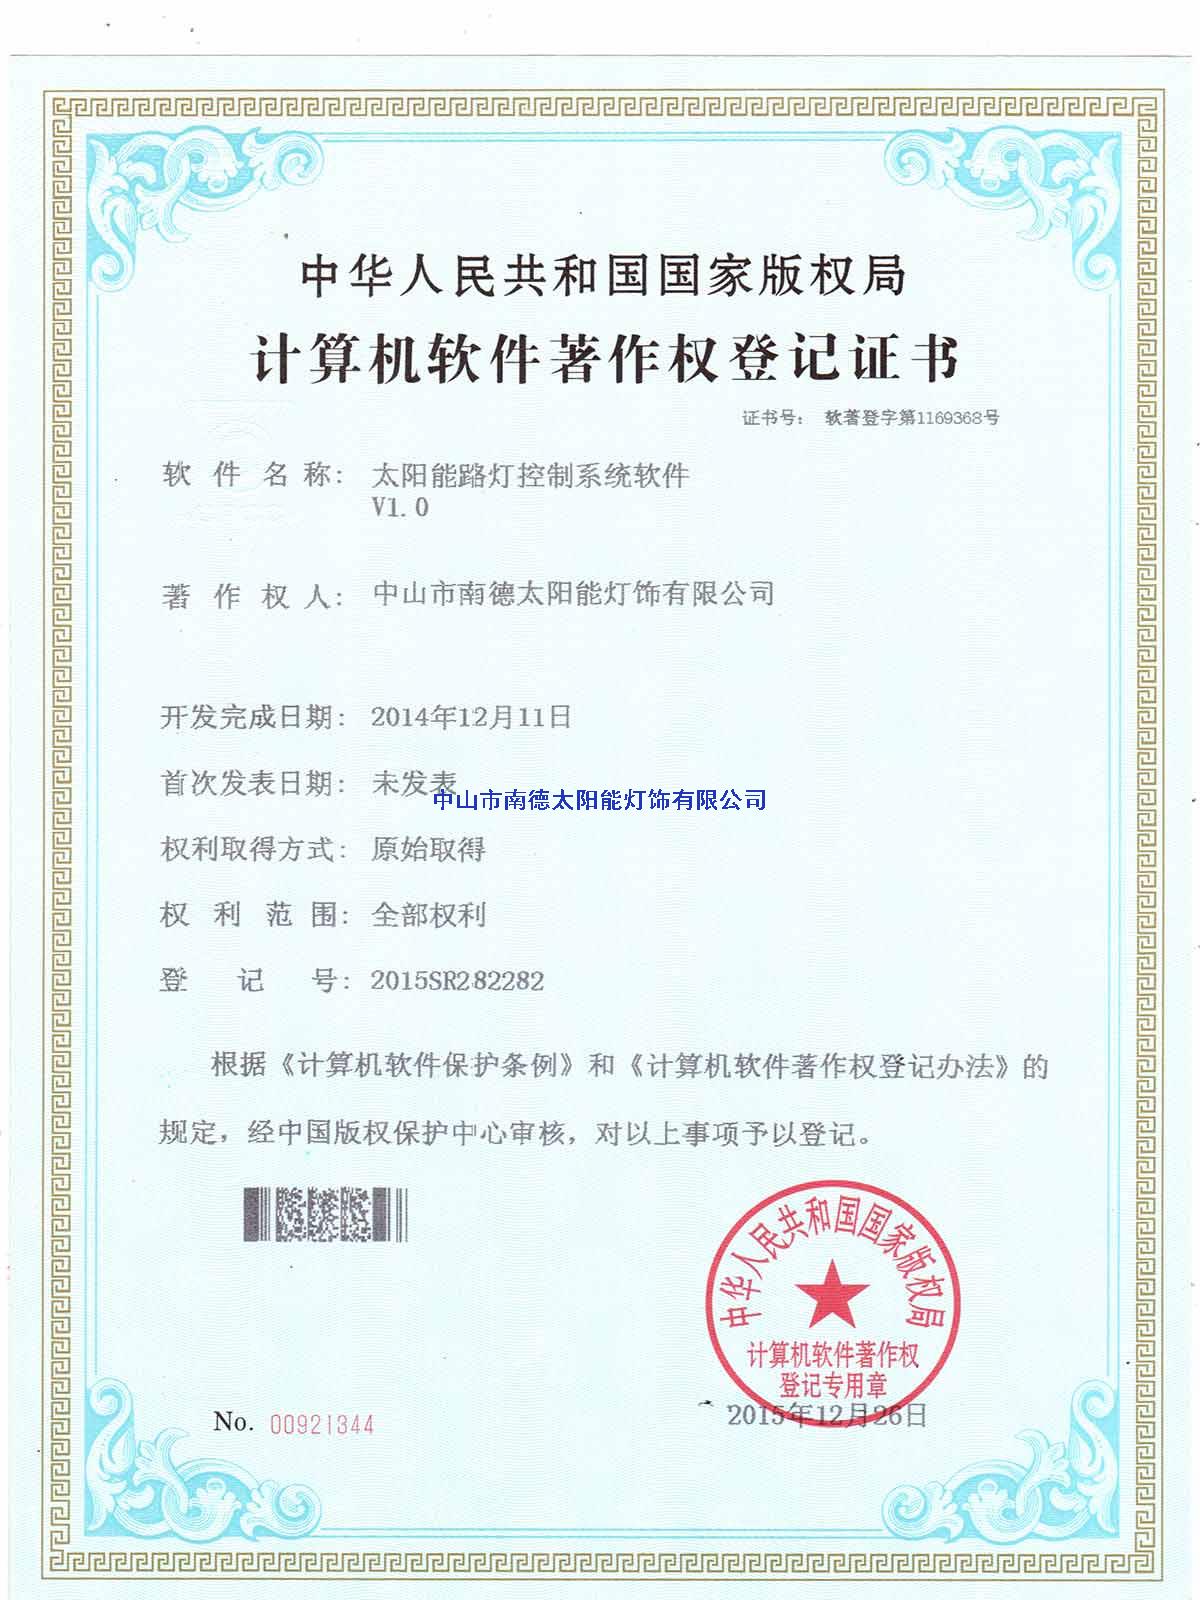 太阳能路灯控制系统软件登记证书2